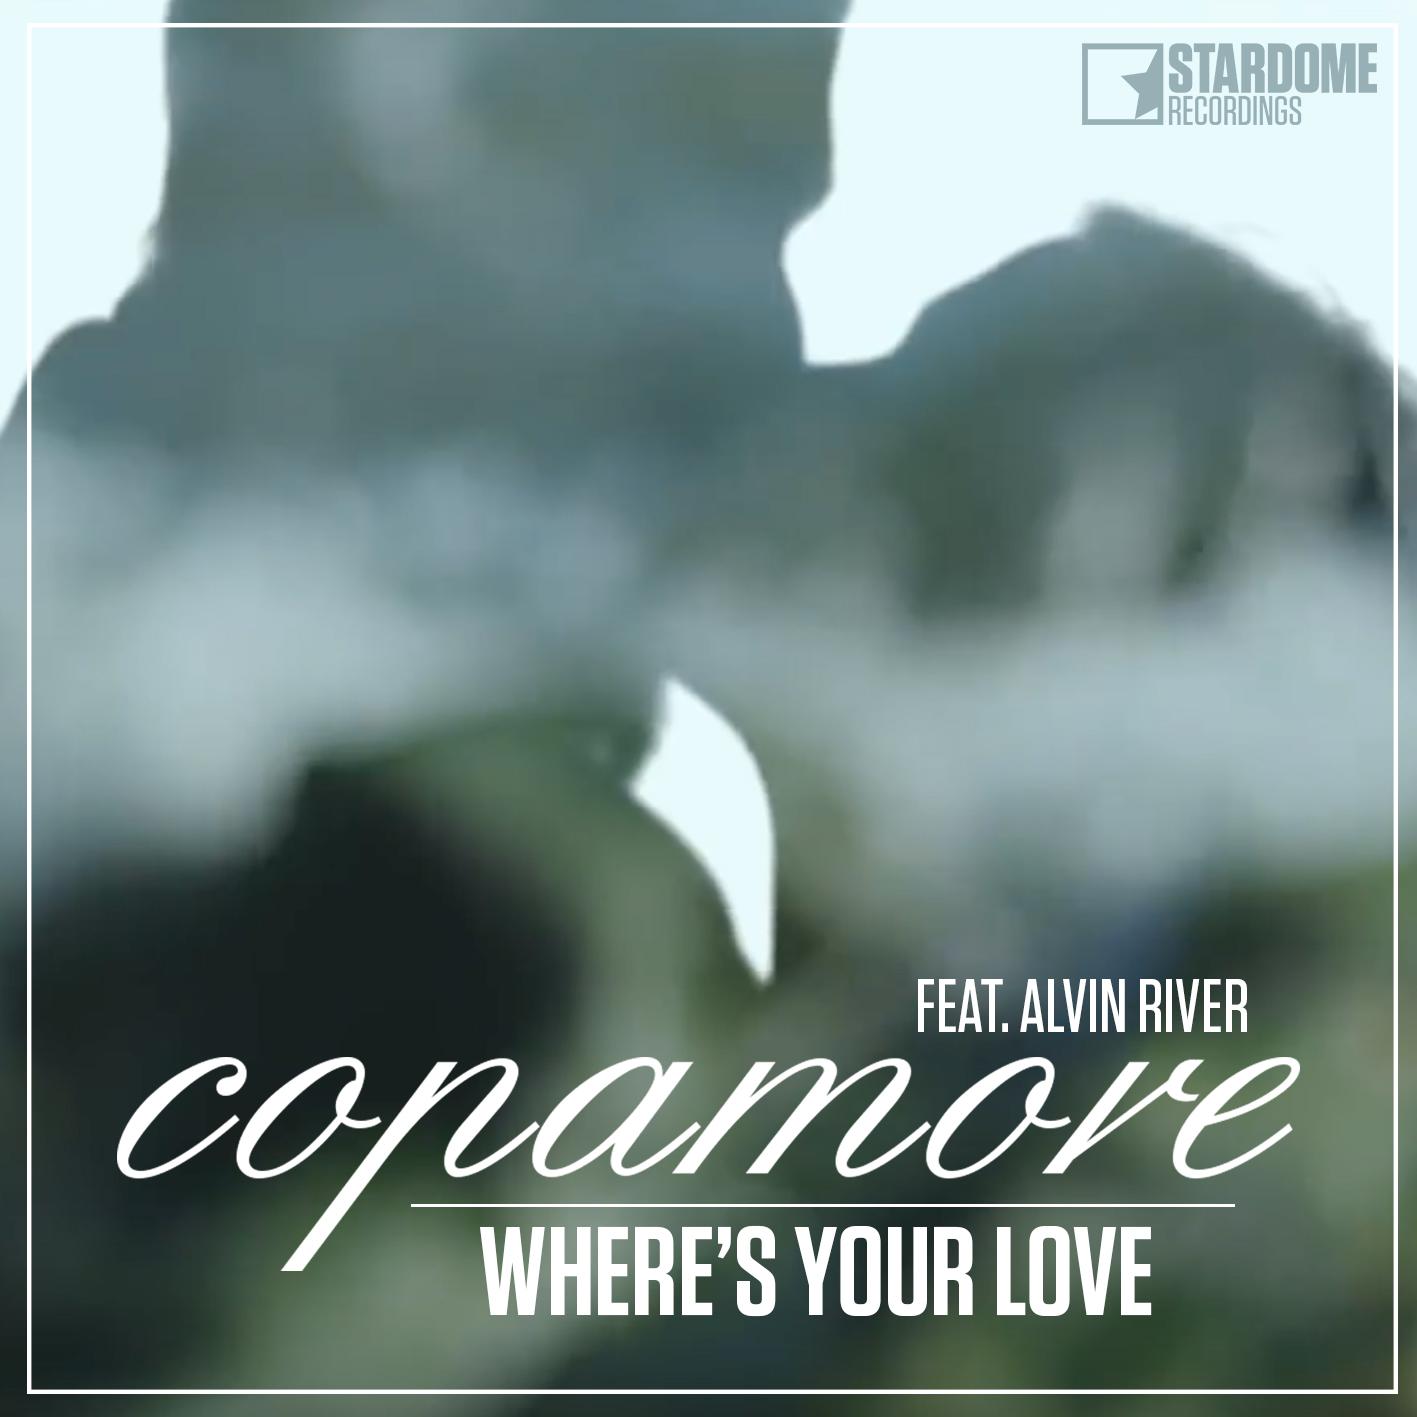 copamore cover